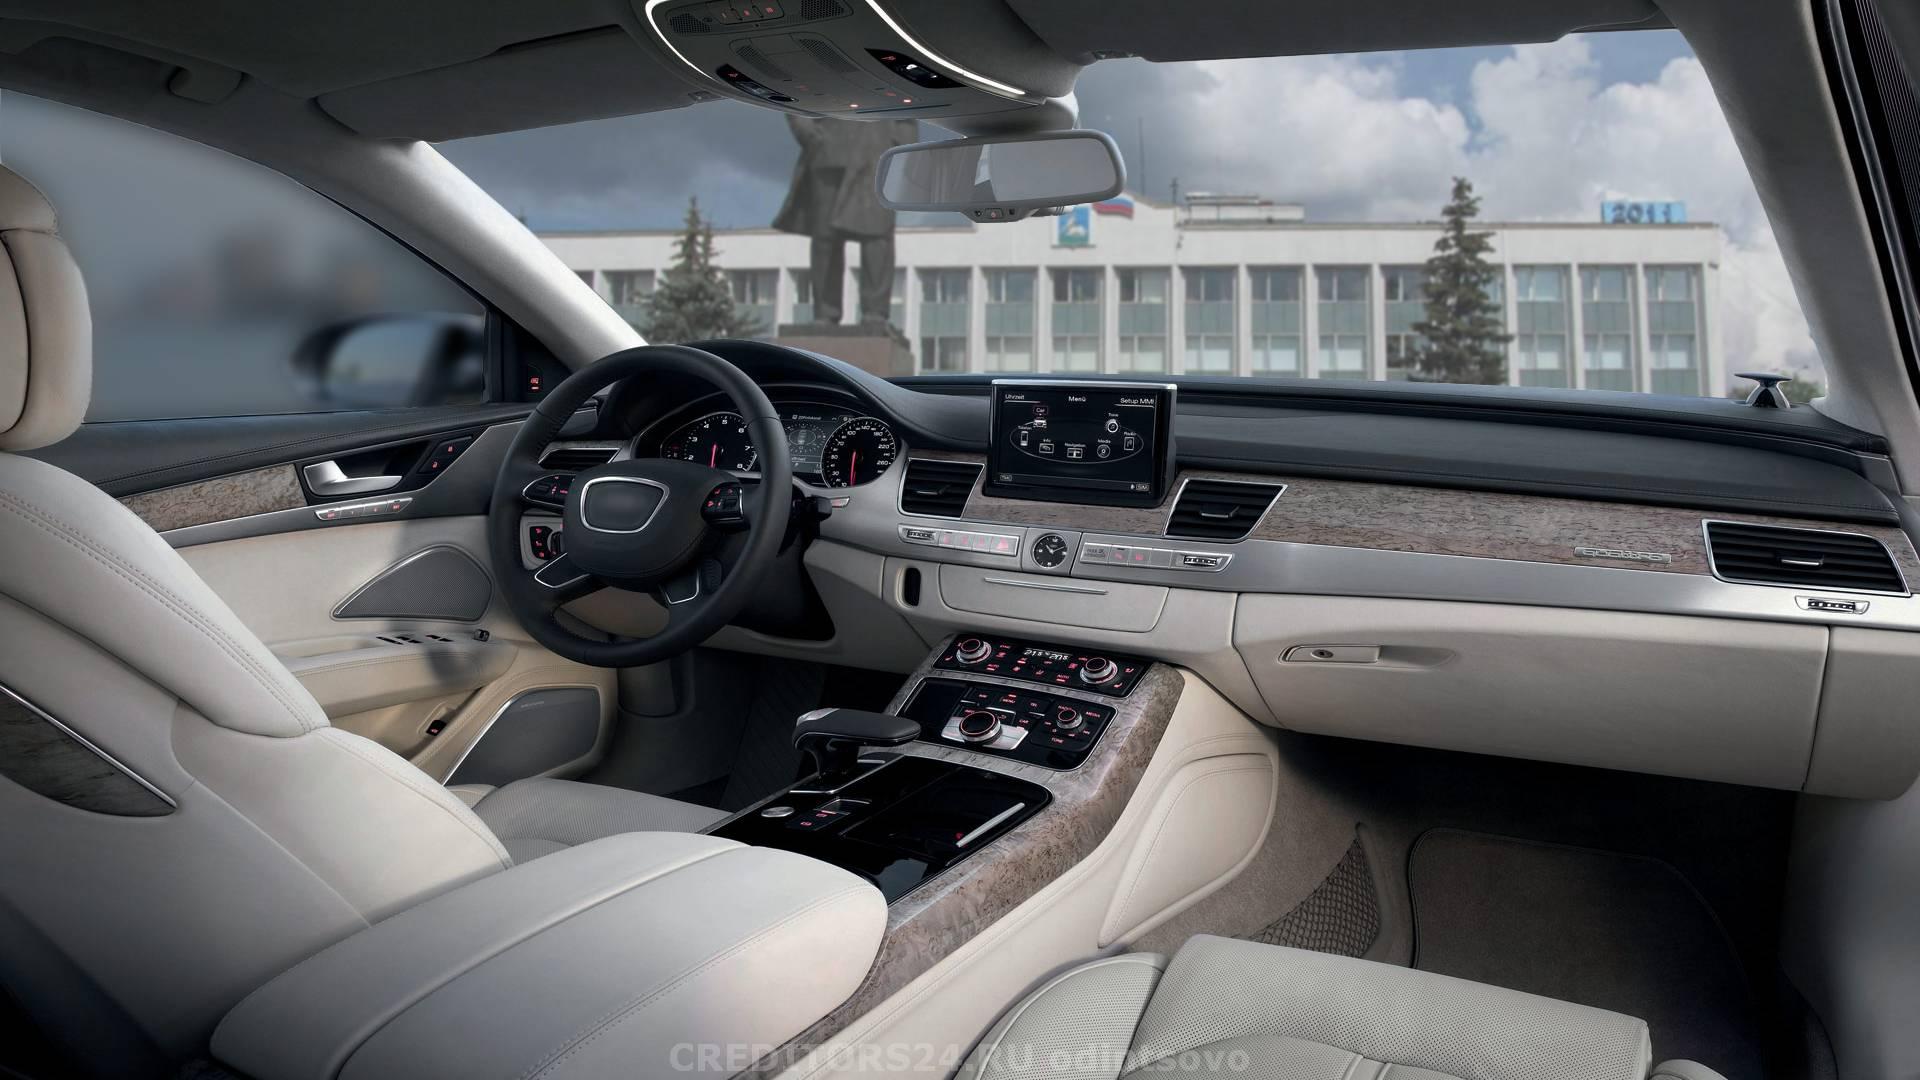 Автоломбард под птс в одинцово авито авто в аренду без залога в москве